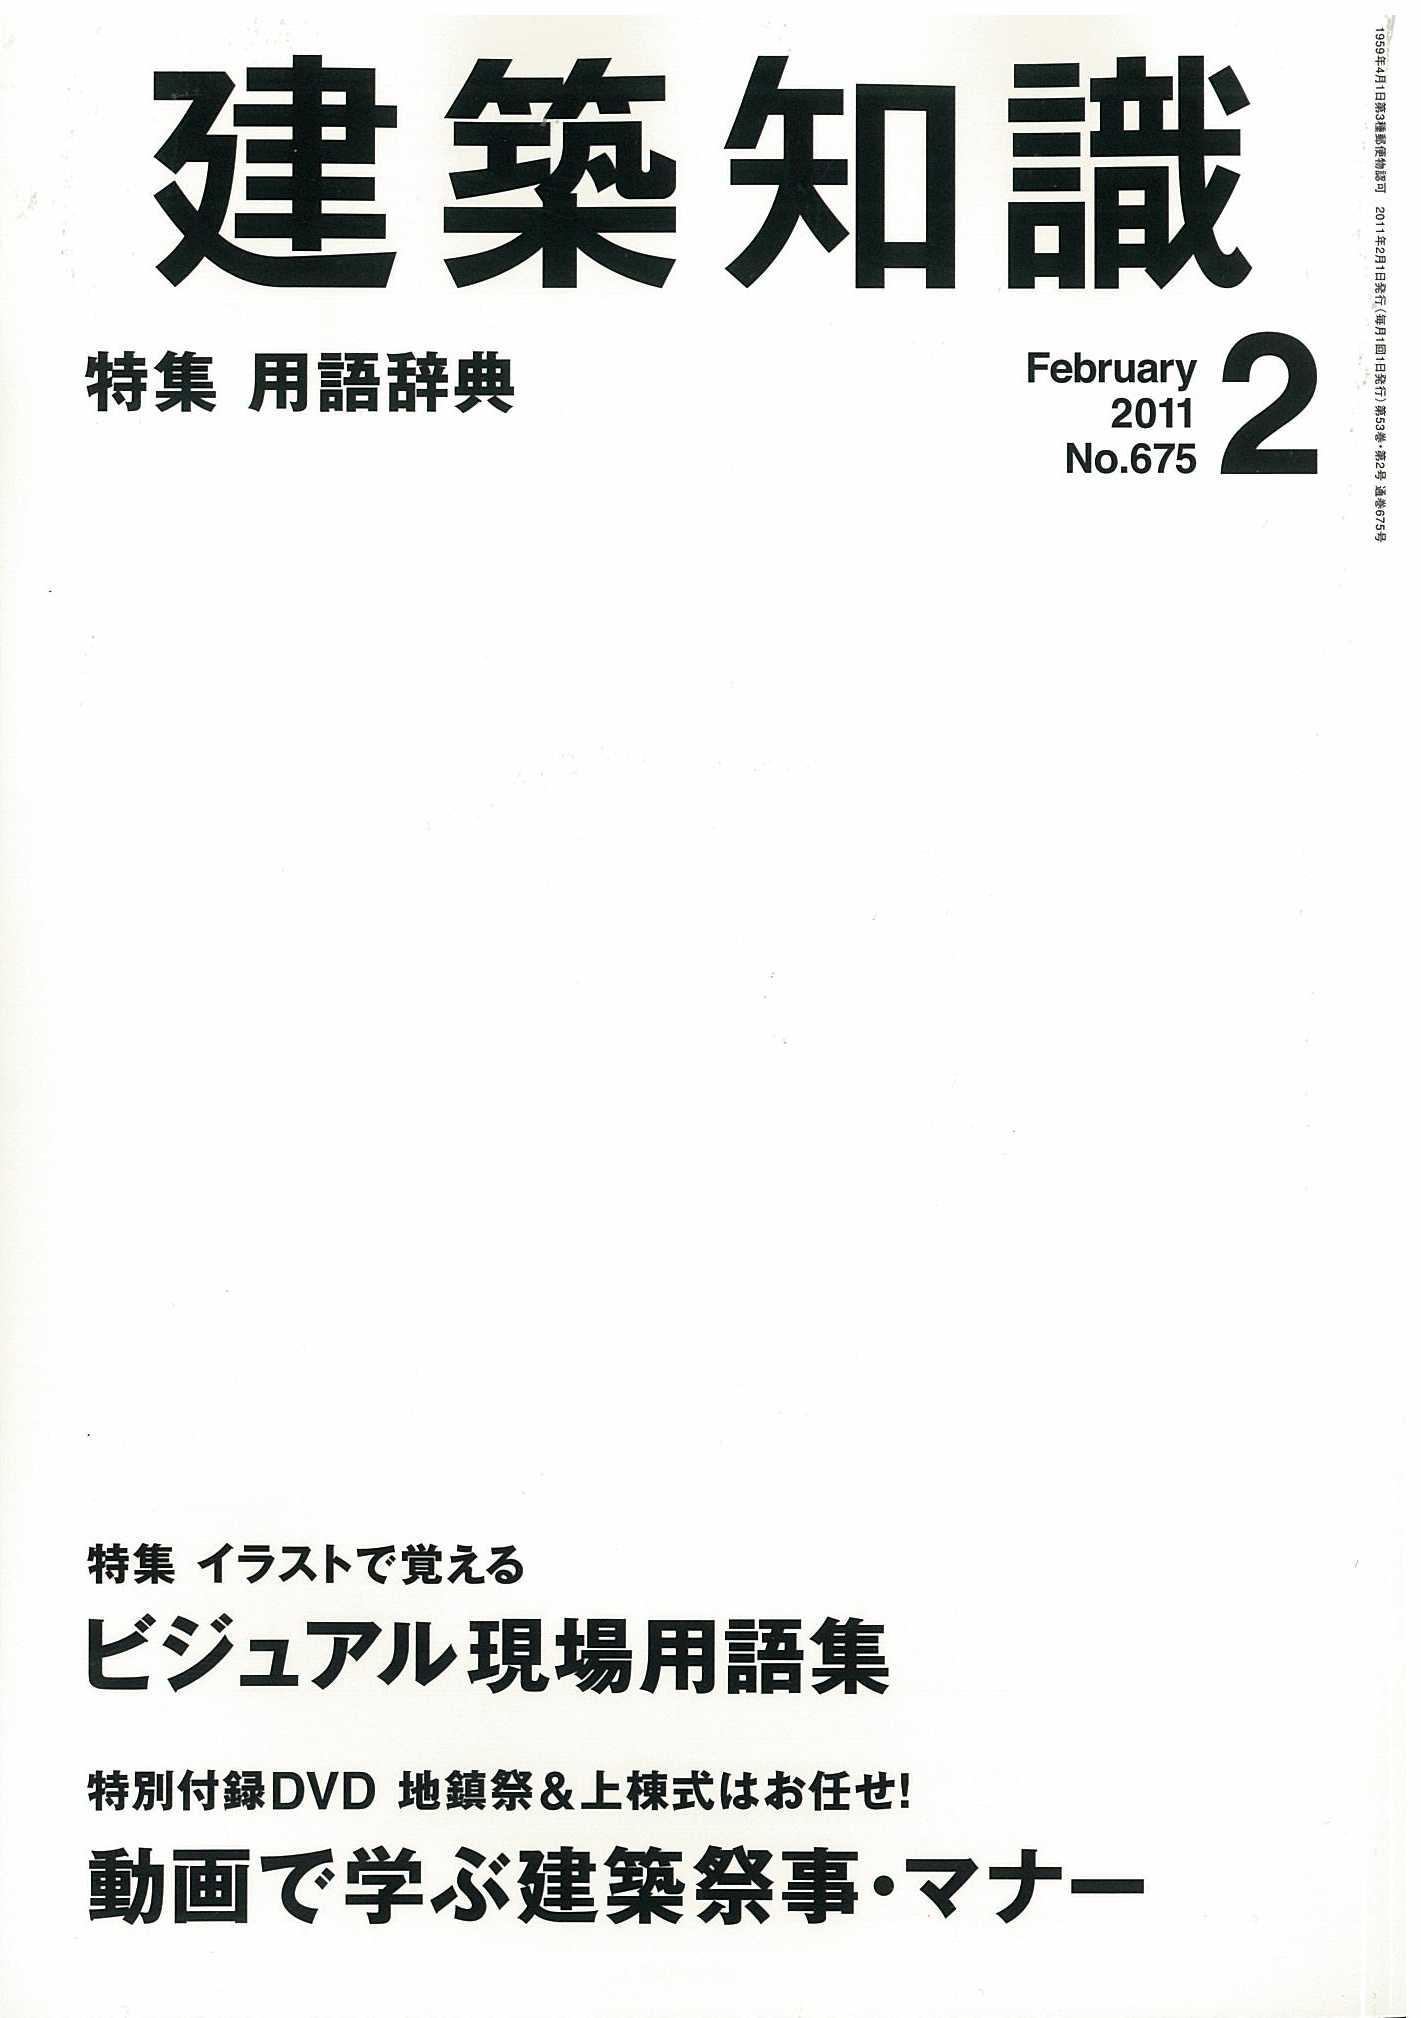 建築知識2月号表紙